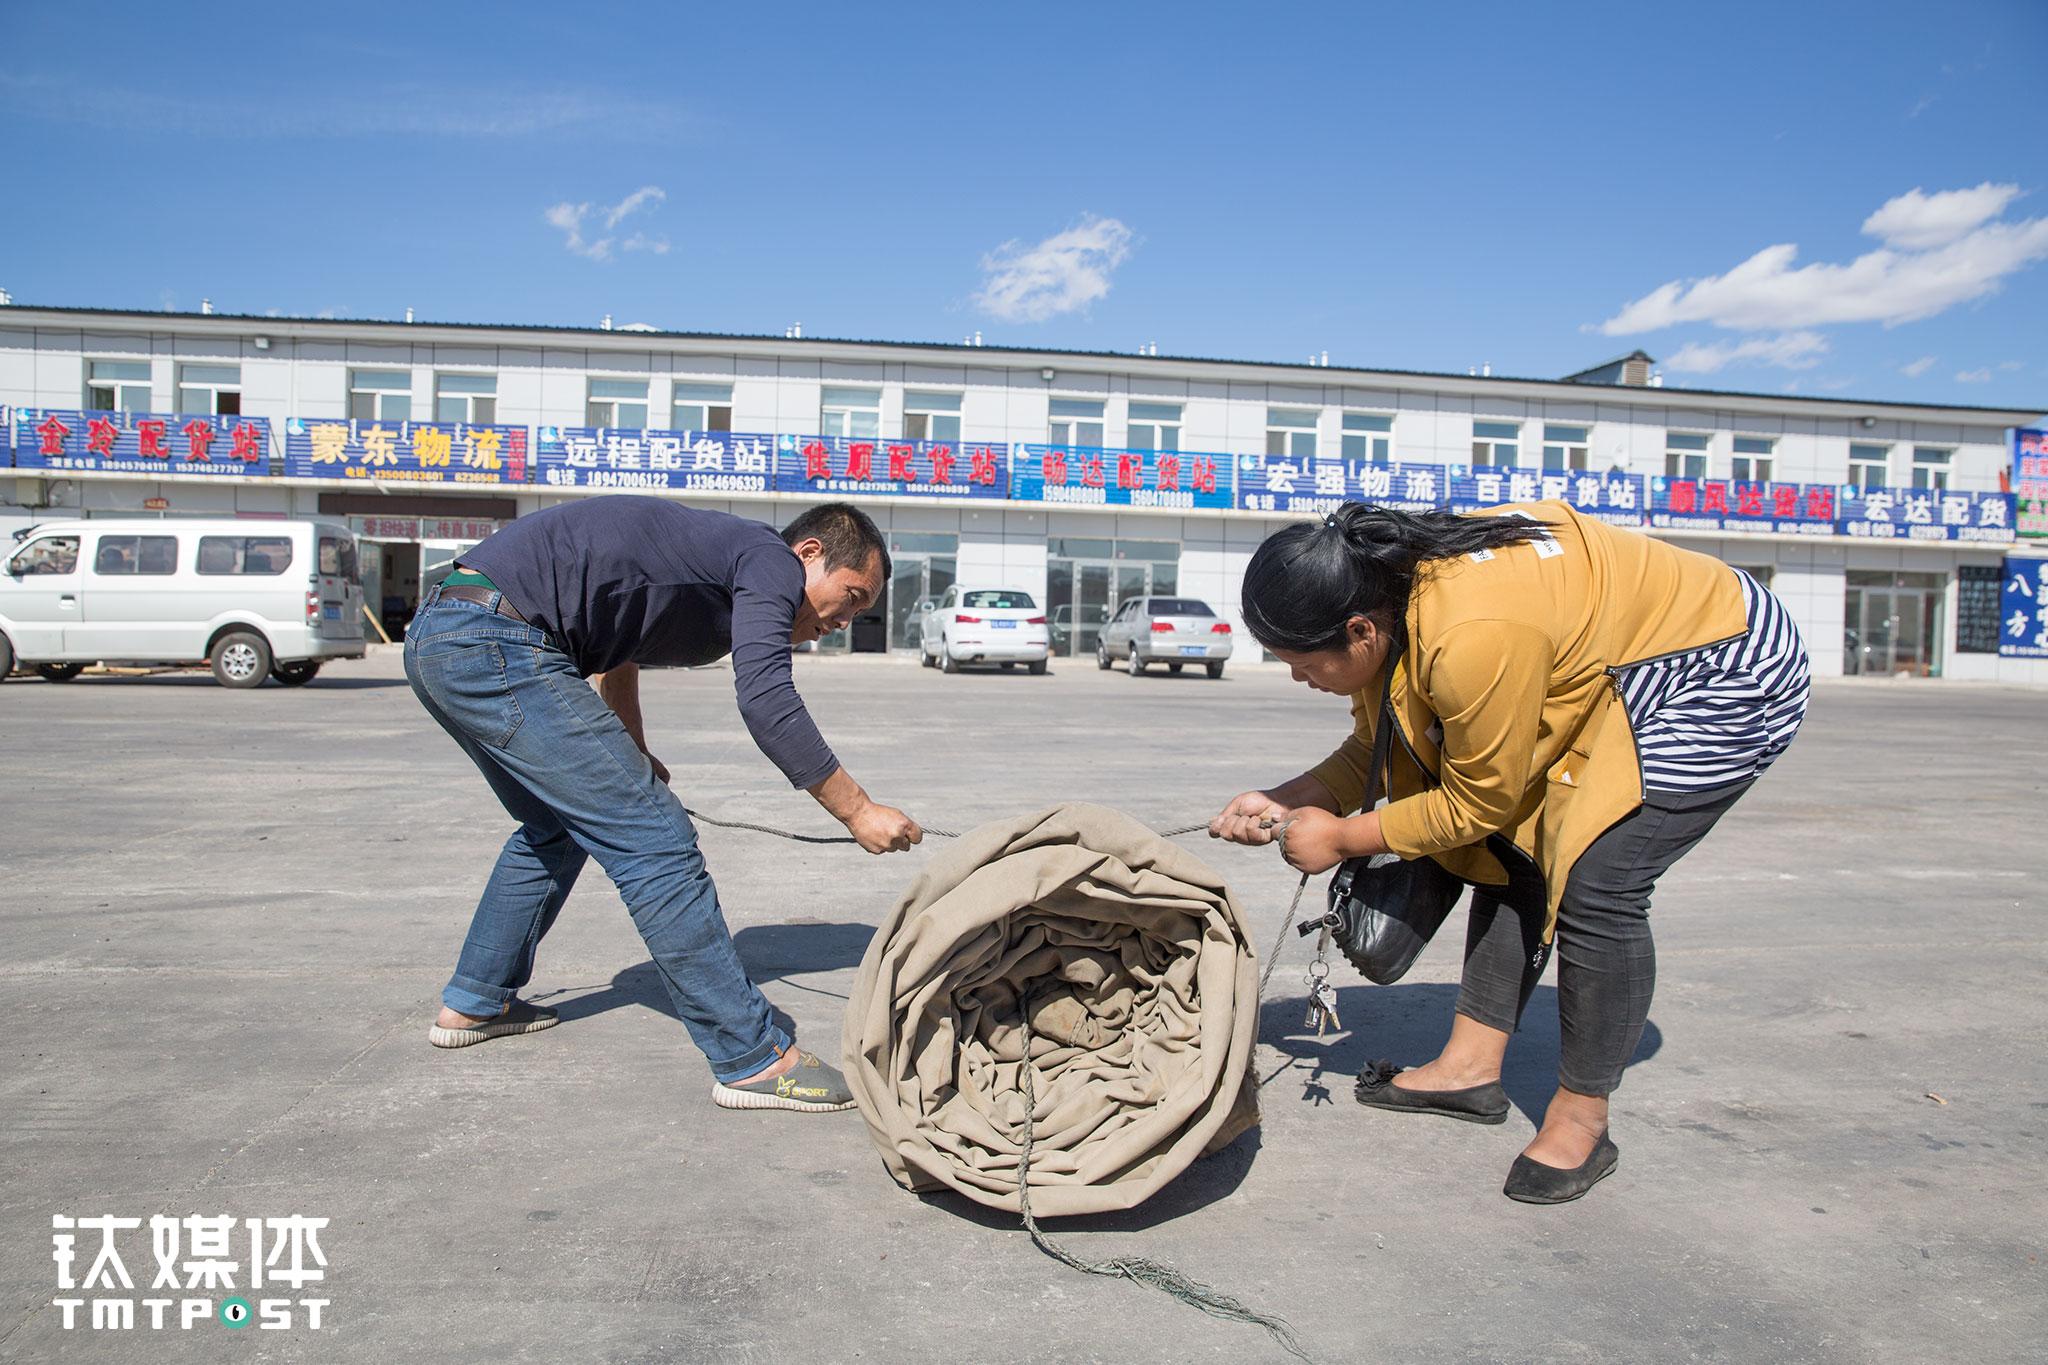 16日下午3点,达到满洲里国际公路物流园,两人合力收起了油布。